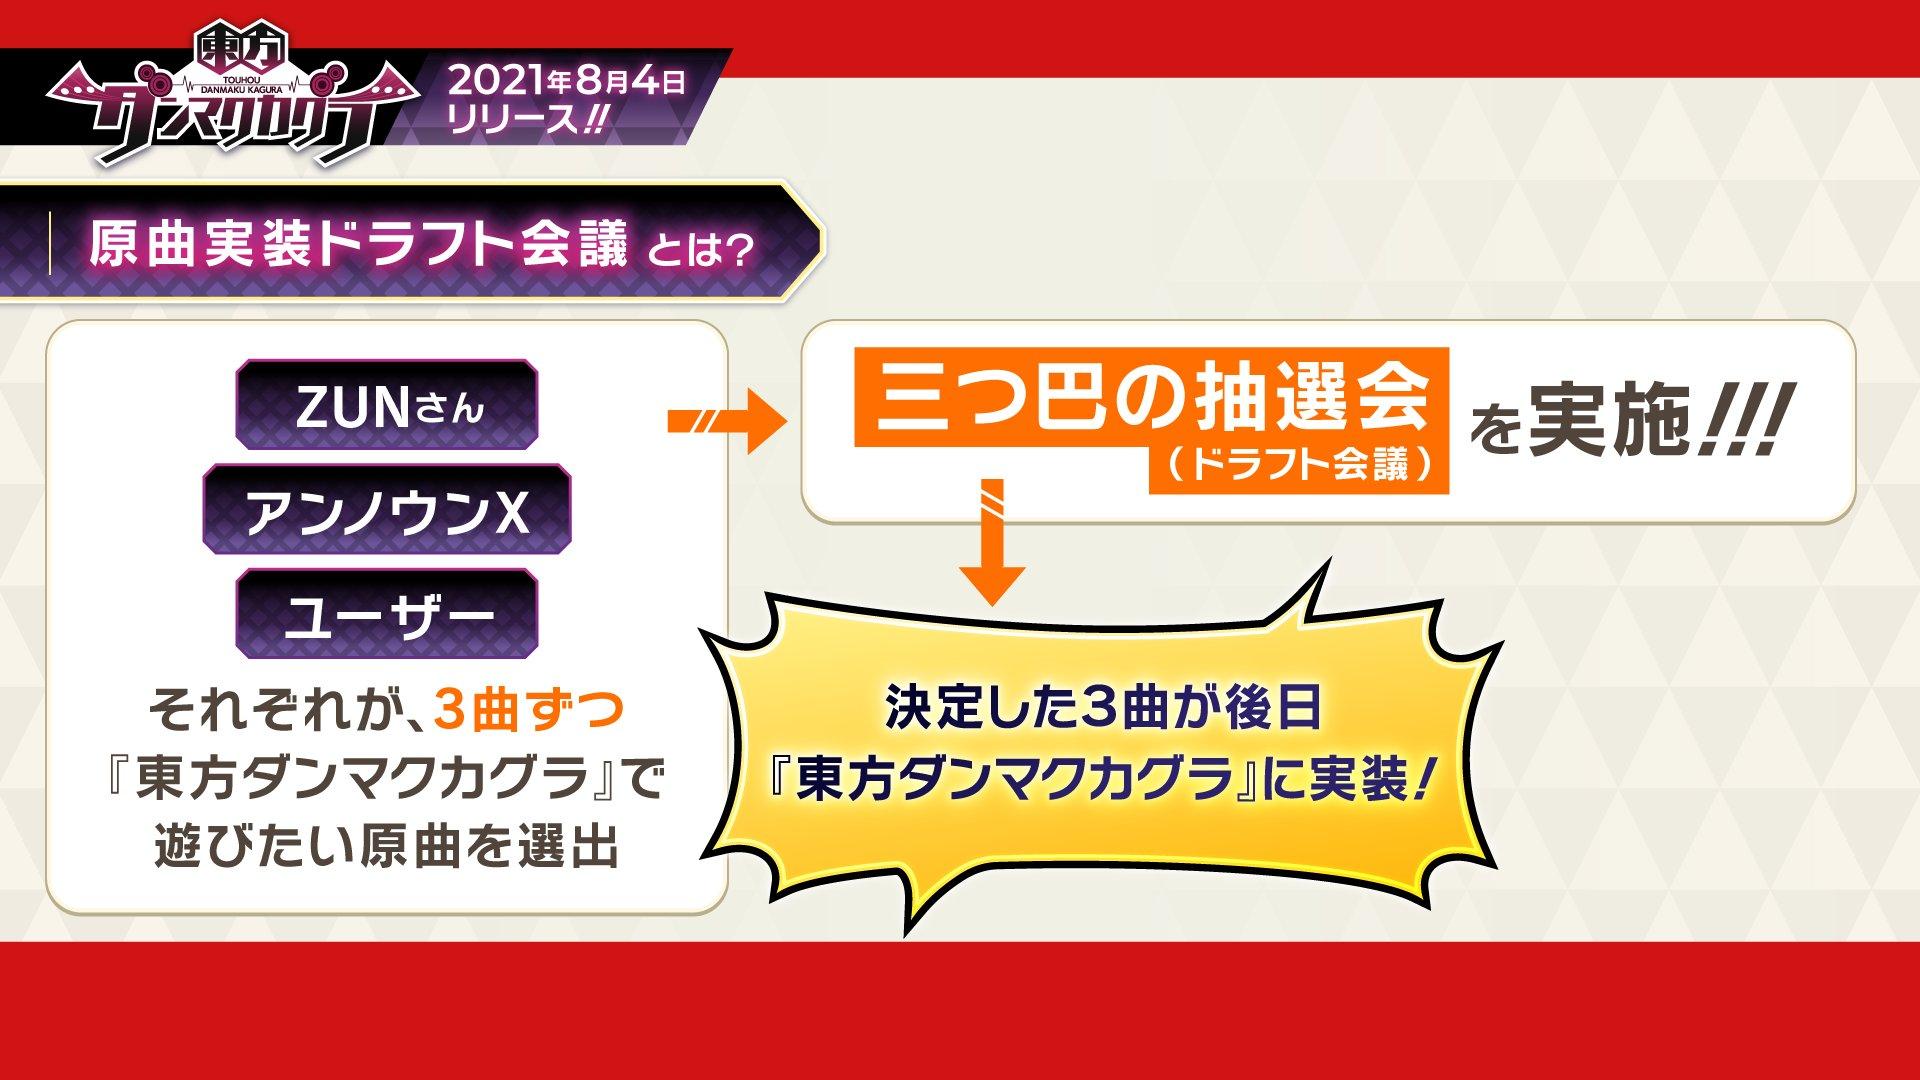 原曲ドラフト会議 画像素材1(danmaku.jp より引用).jpg